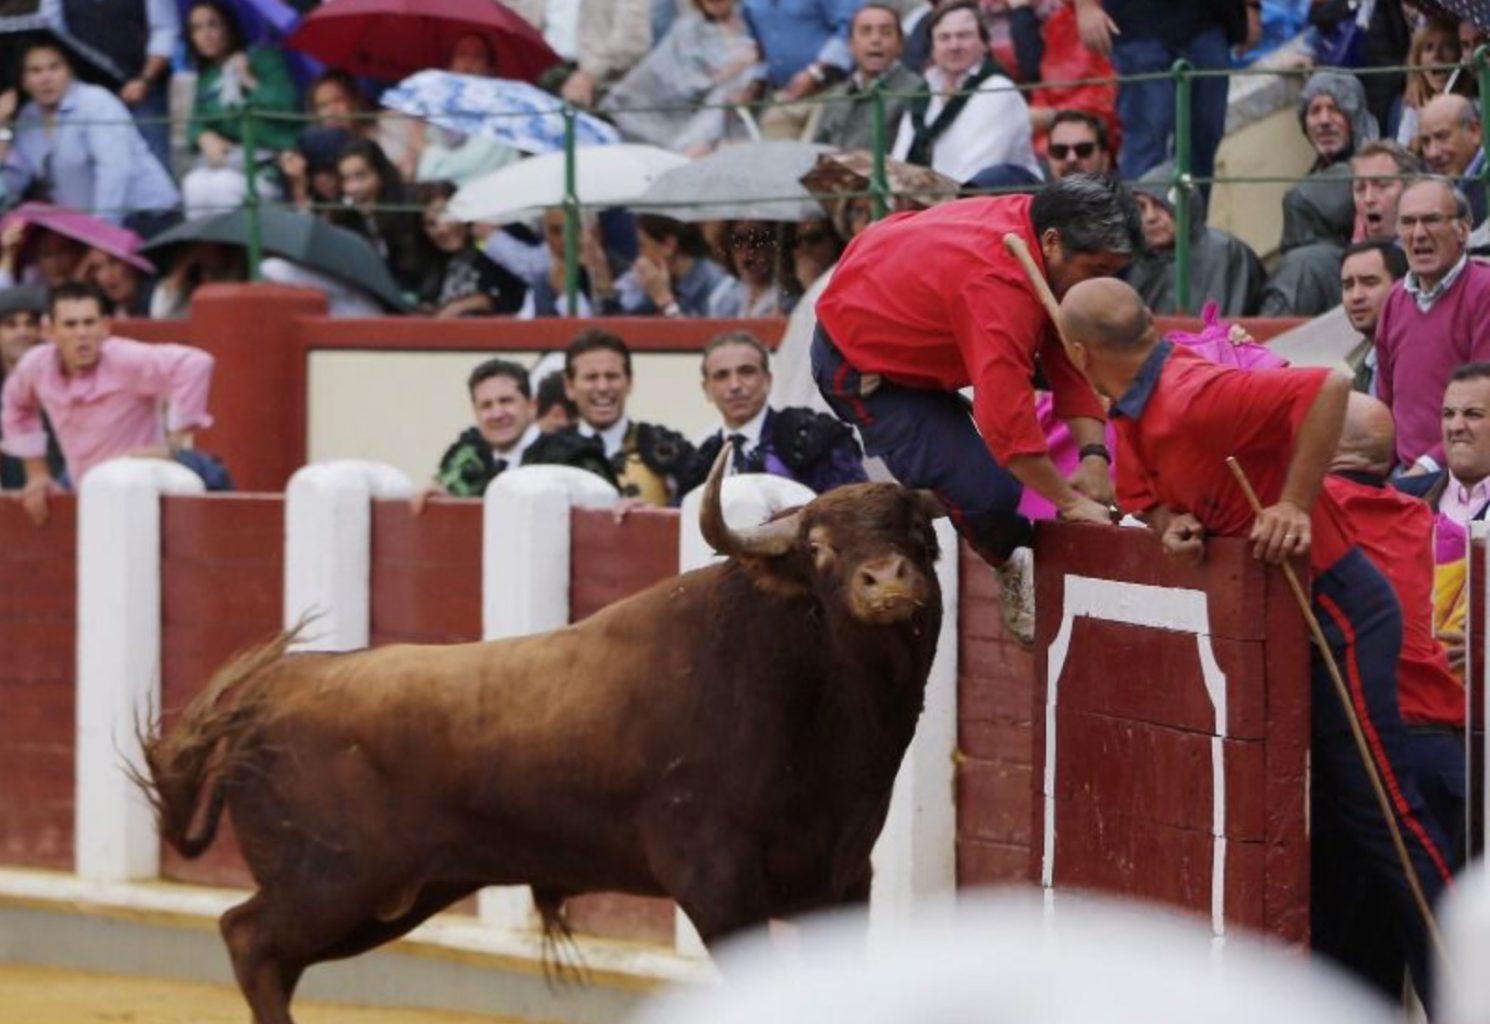 Un monosabio reçoit un coup de corne à Valladolid